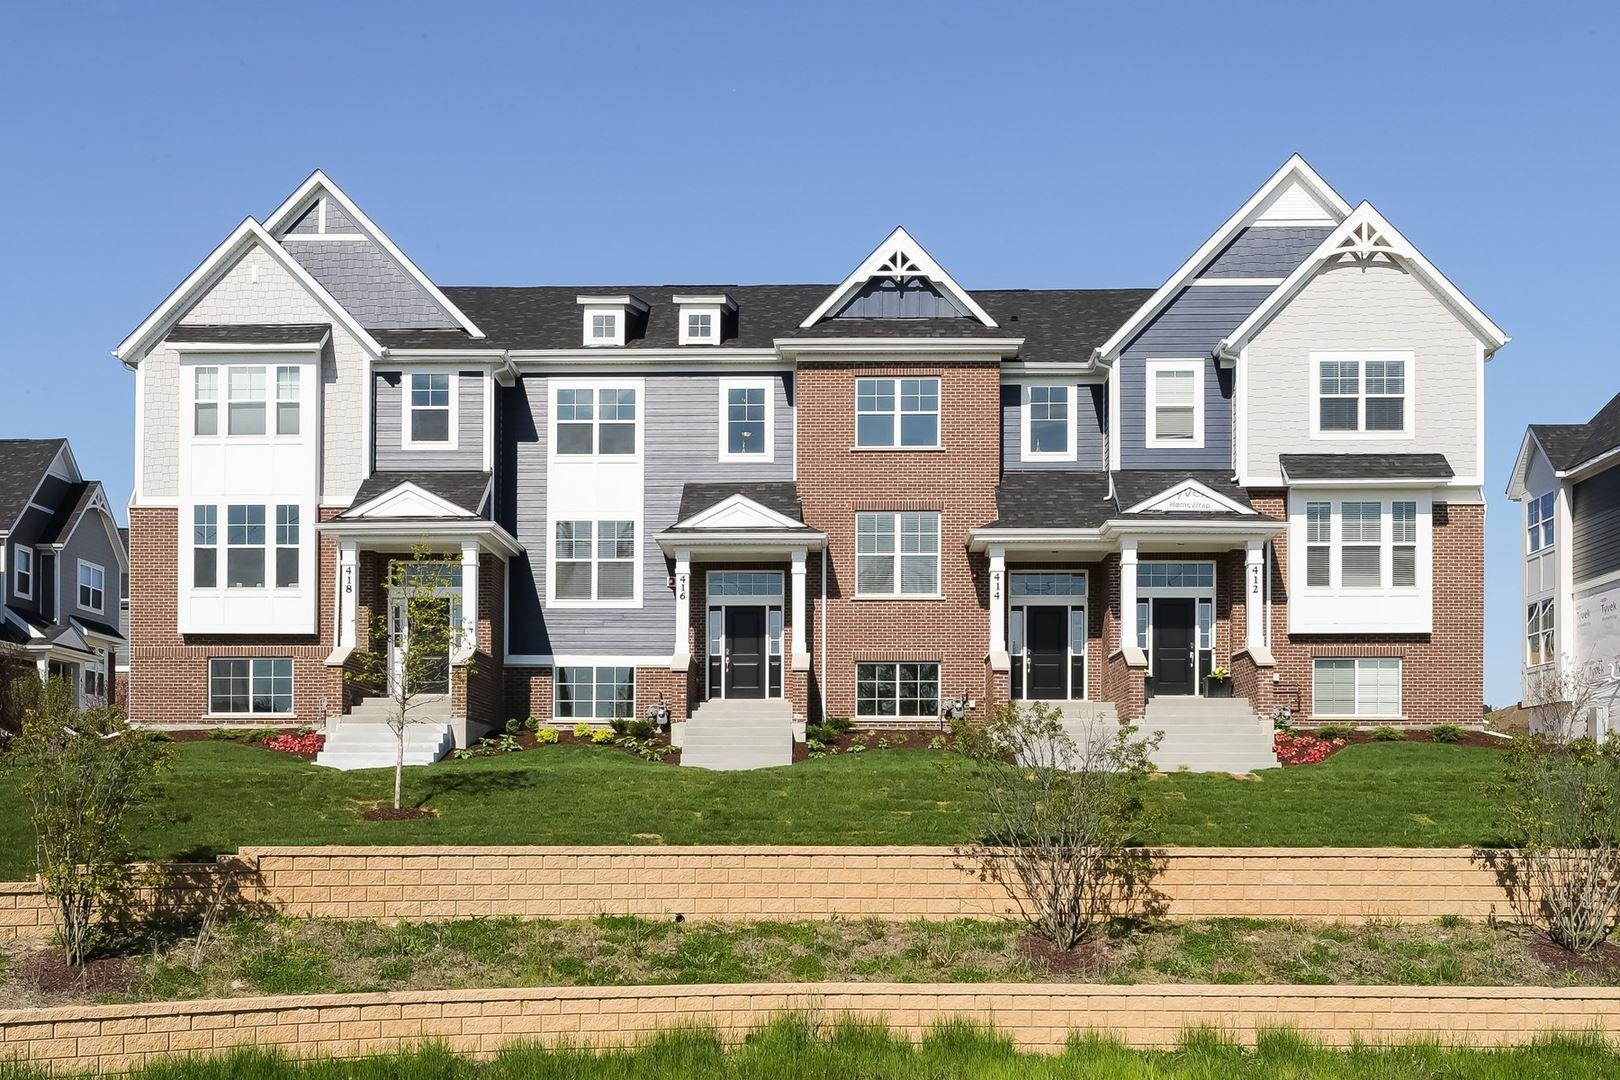 448 Ashley Lot #15.02 Avenue, La Grange, IL 60525 - #: 11190954